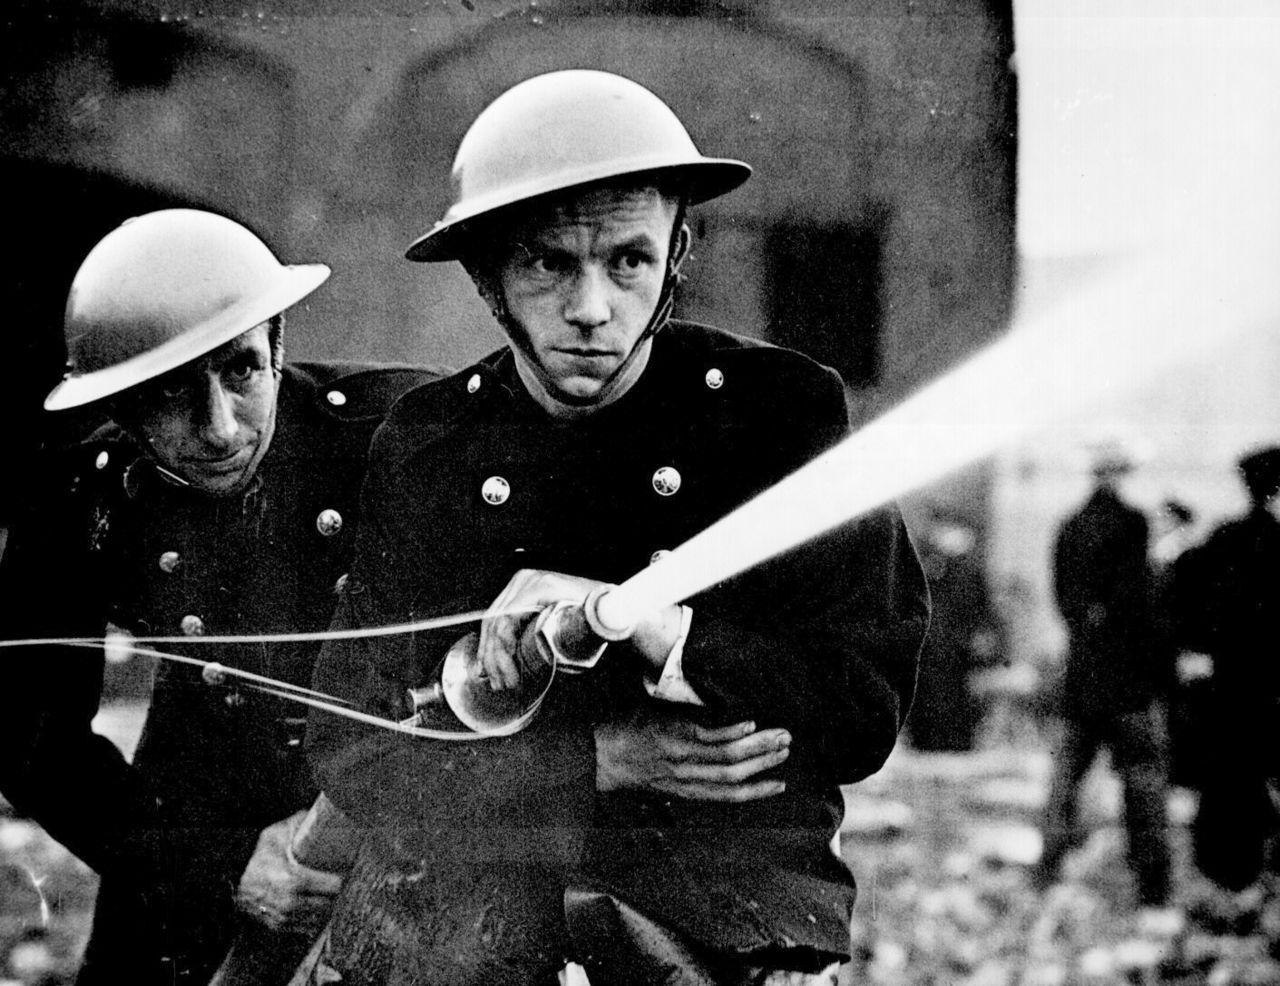 Pompiers londoniens en action pendant le Blitz. Bataille d'Angleterre.